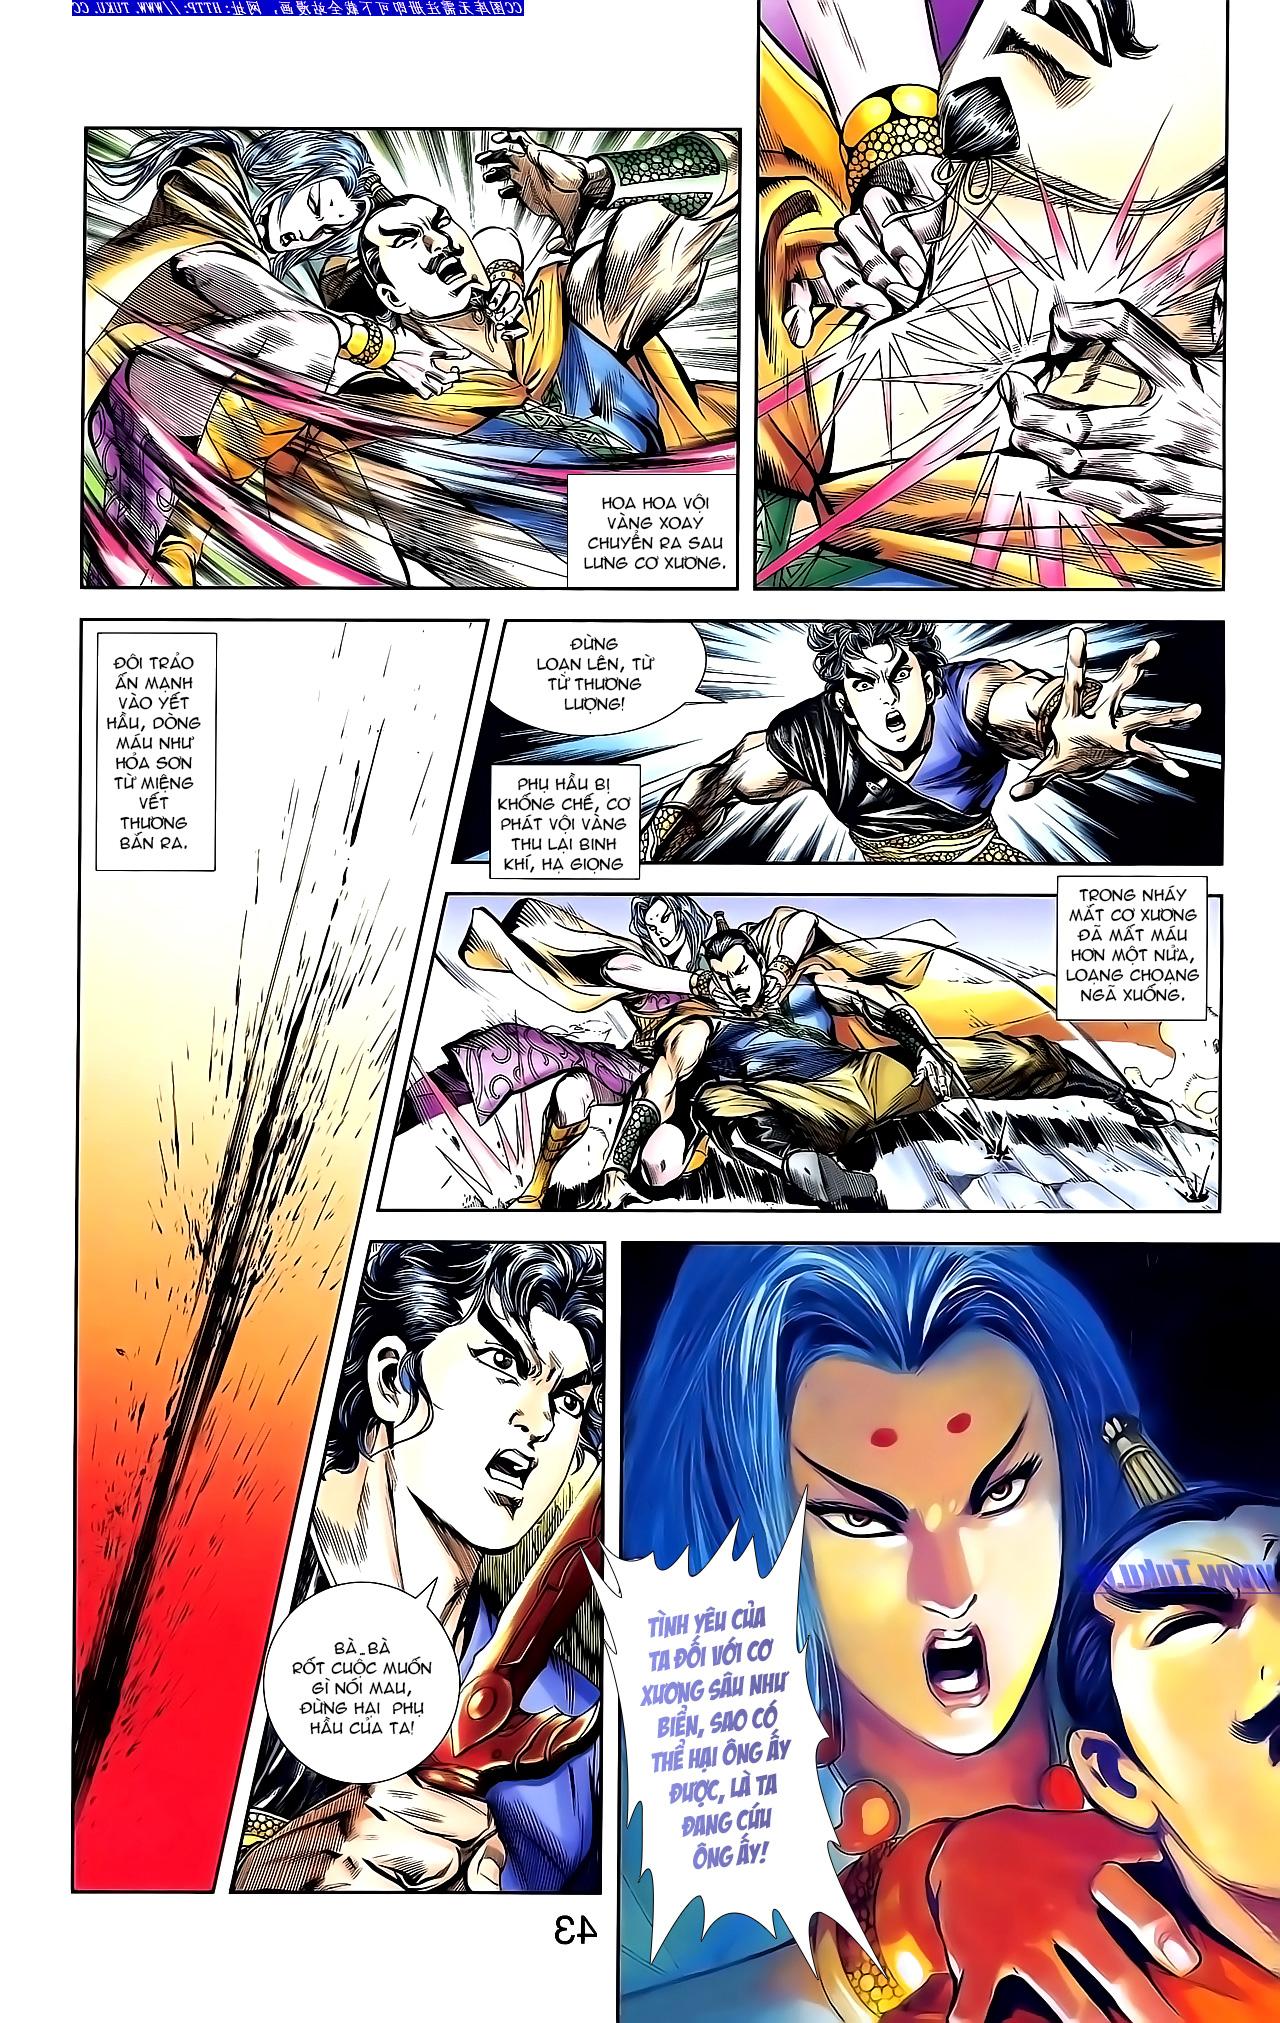 Cơ Phát Khai Chu Bản chapter 144 trang 4